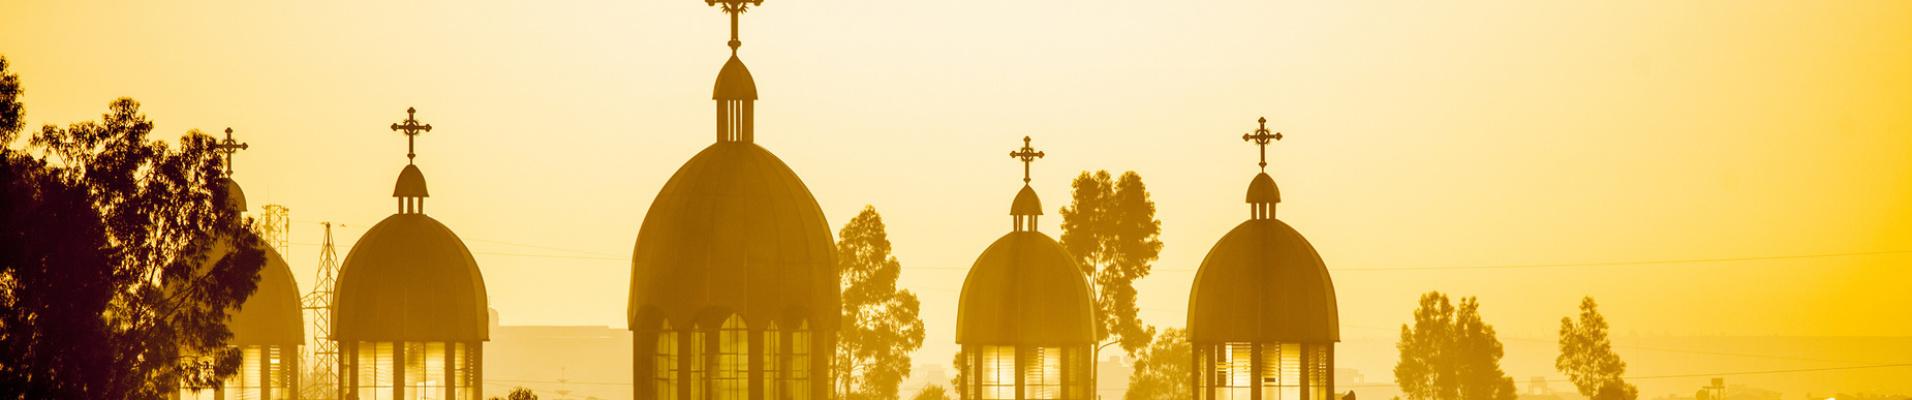 eglise orthodoxe ethiopie